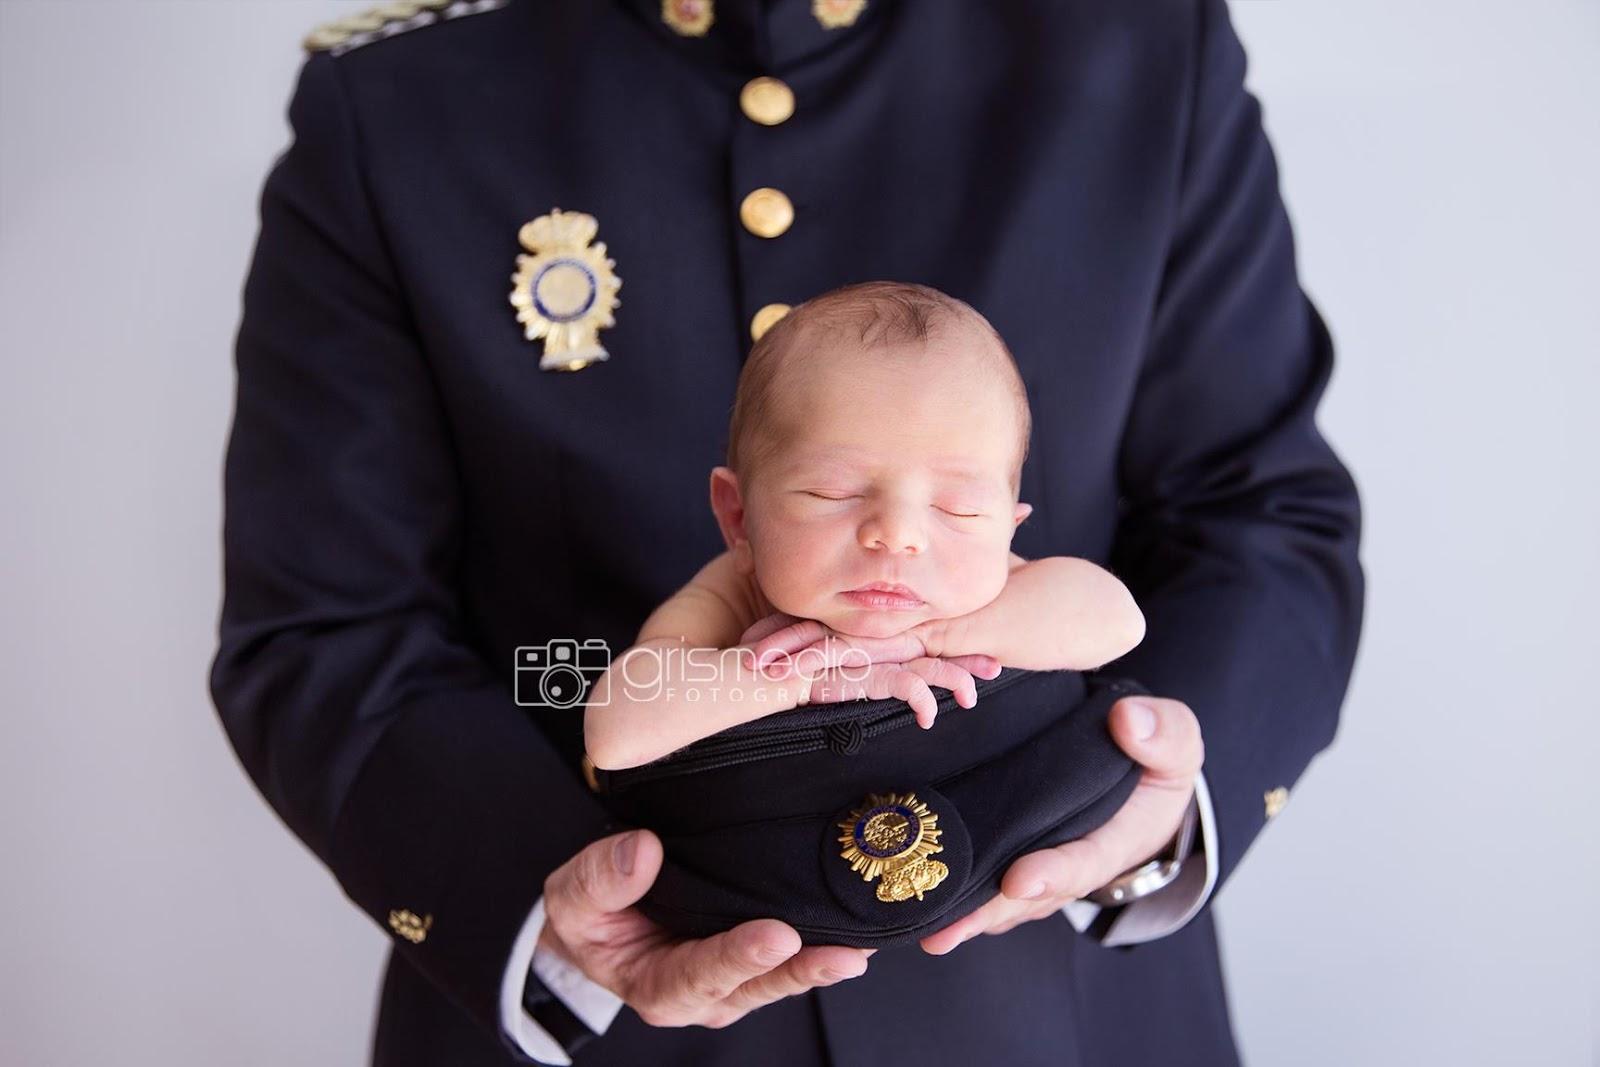 sesion-de-fotos-de-recien-nacido-uniformes